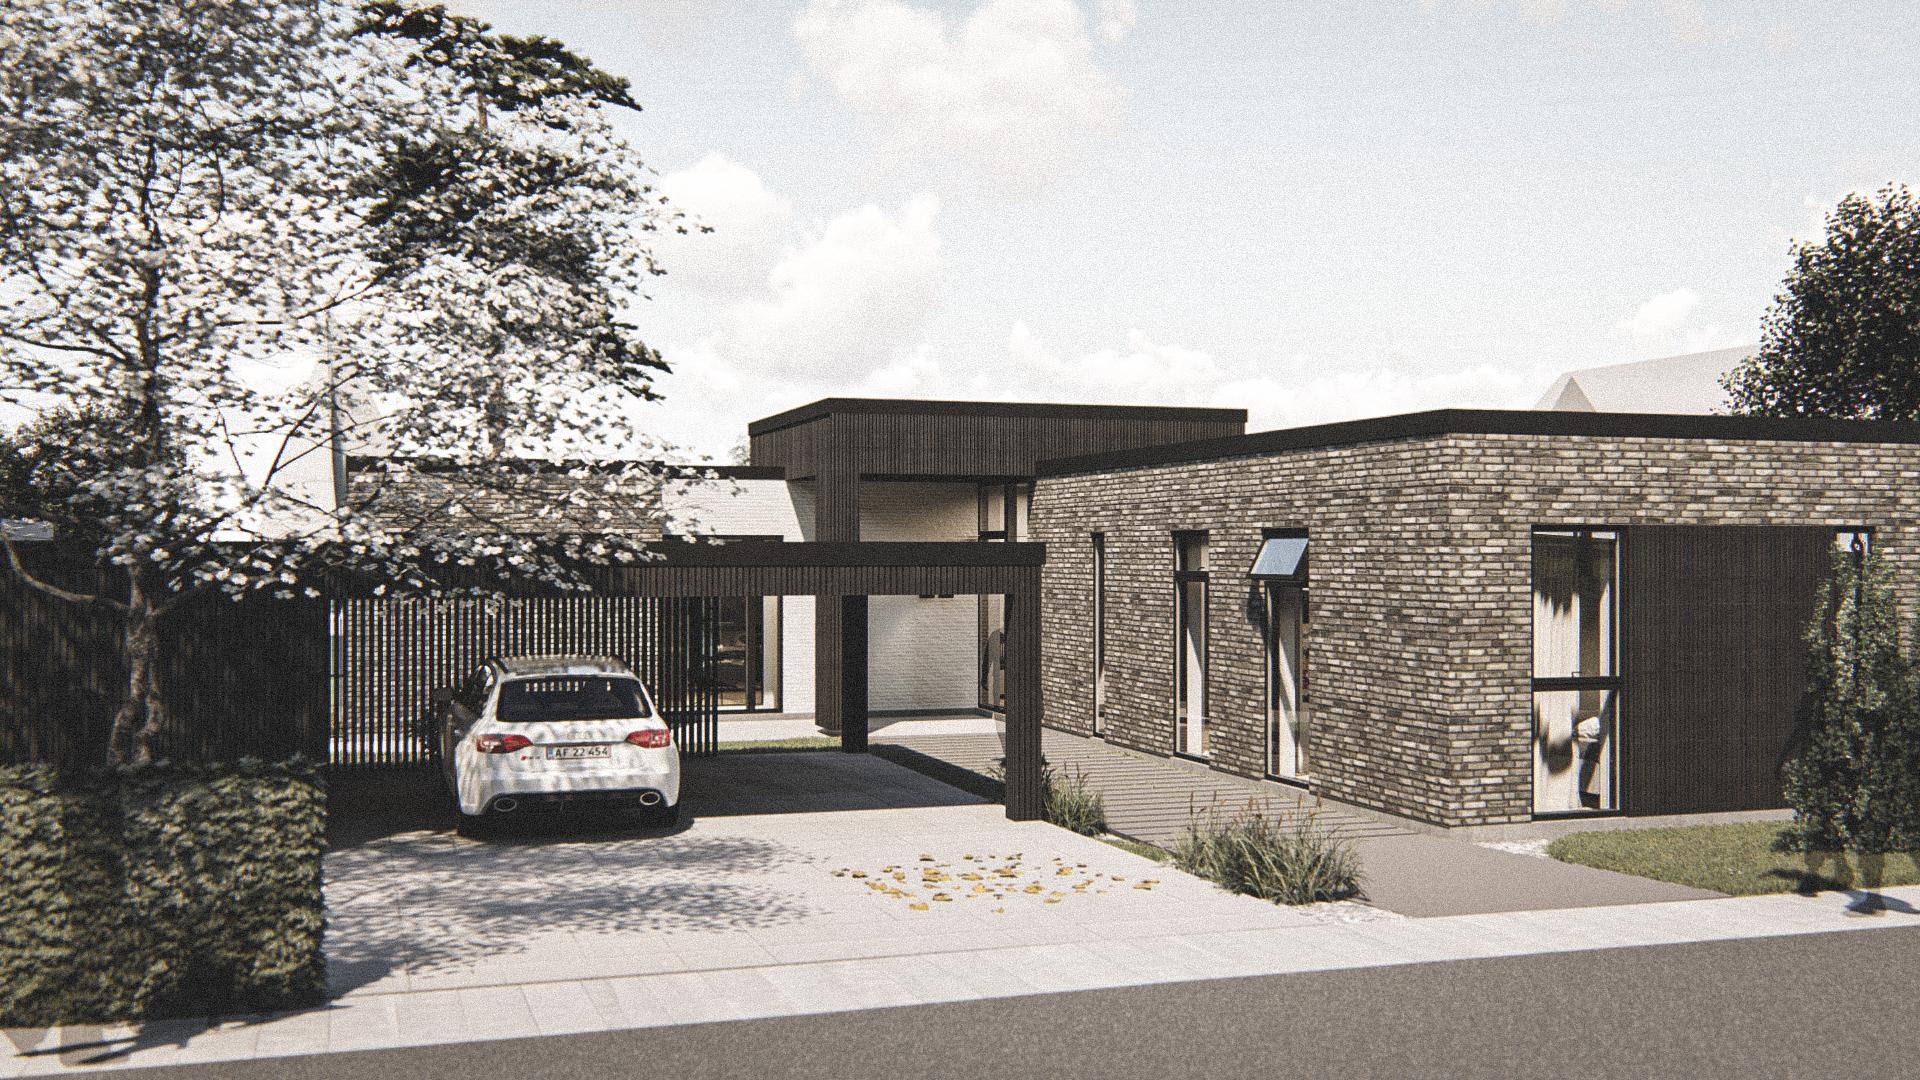 Billede af Dansk arkitekttegnet 2 plan villa af arkitektfirmaet m2plus, i Holbæk på 350 kvartratmeter.